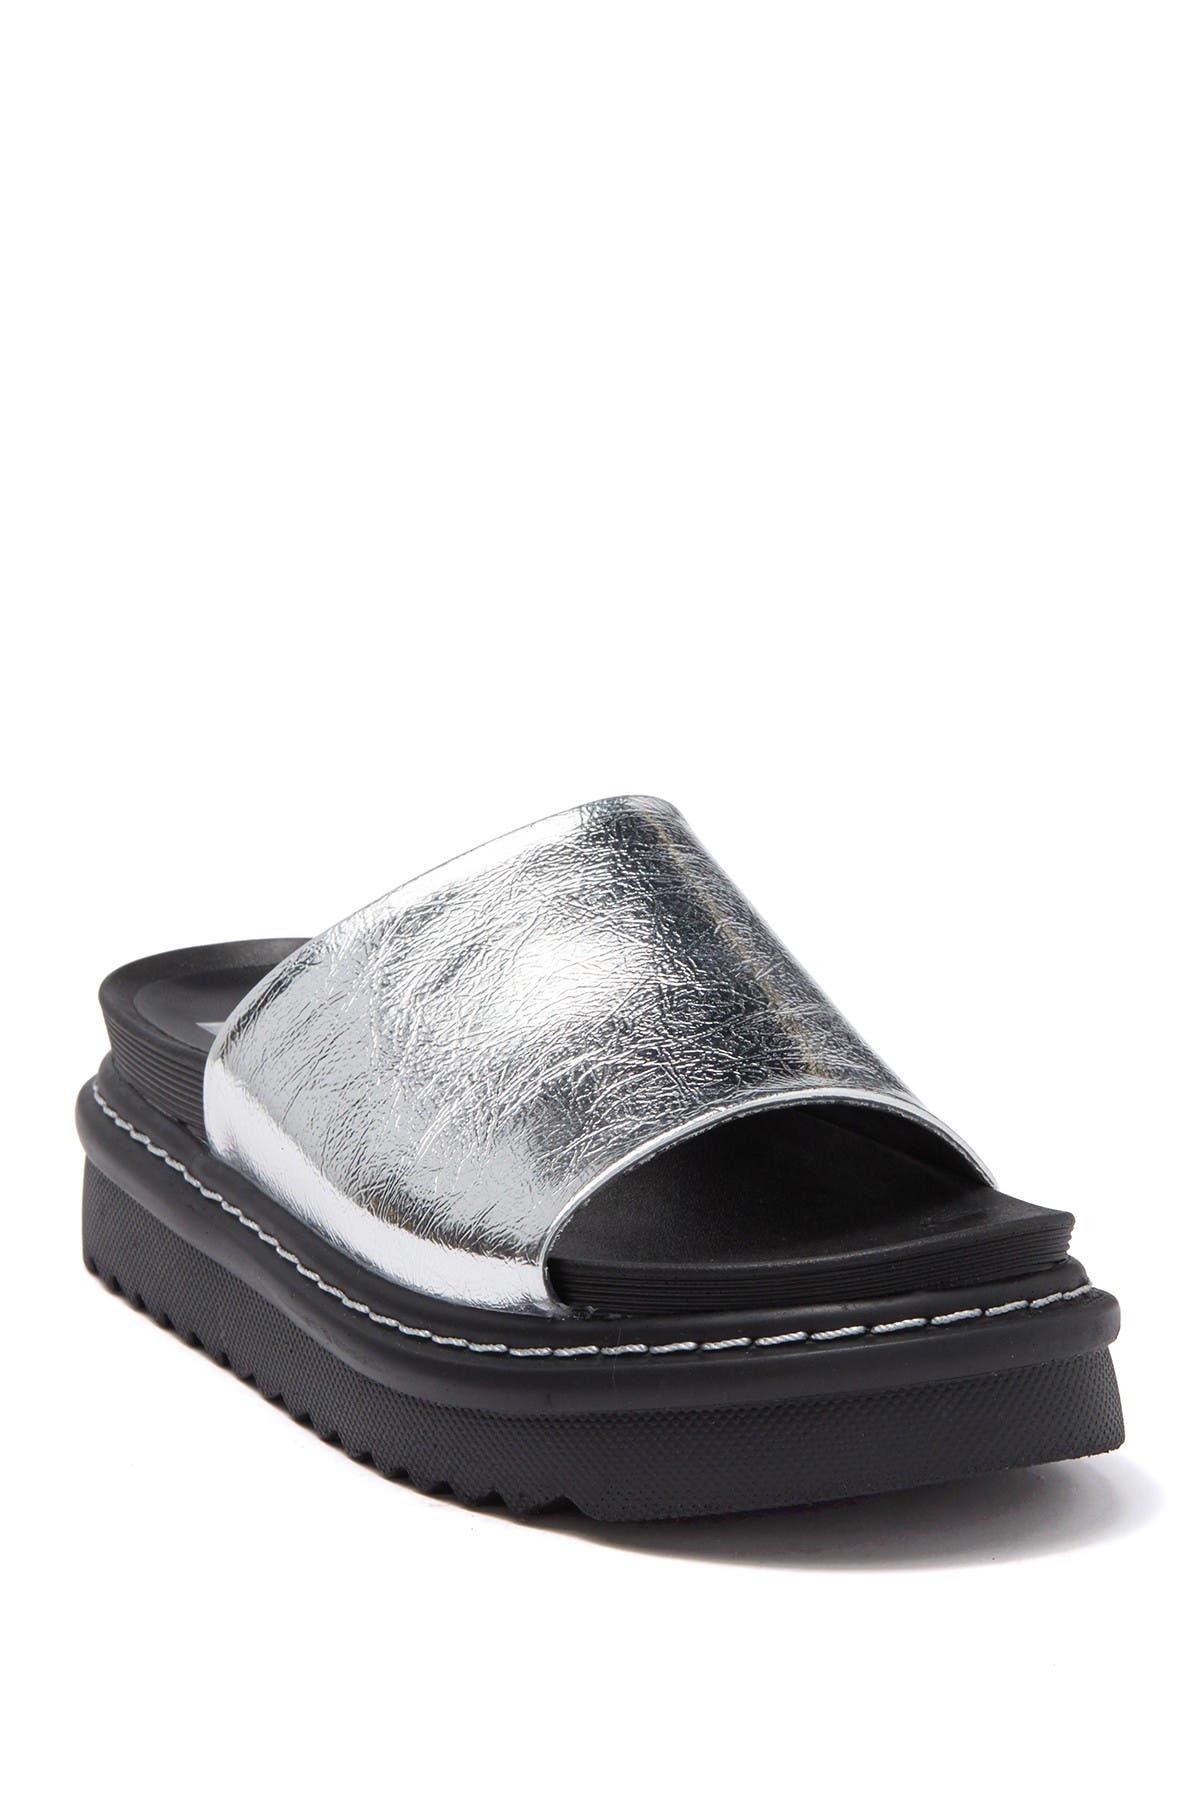 Image of Dolce Vita Reke Platform Slide Sandal